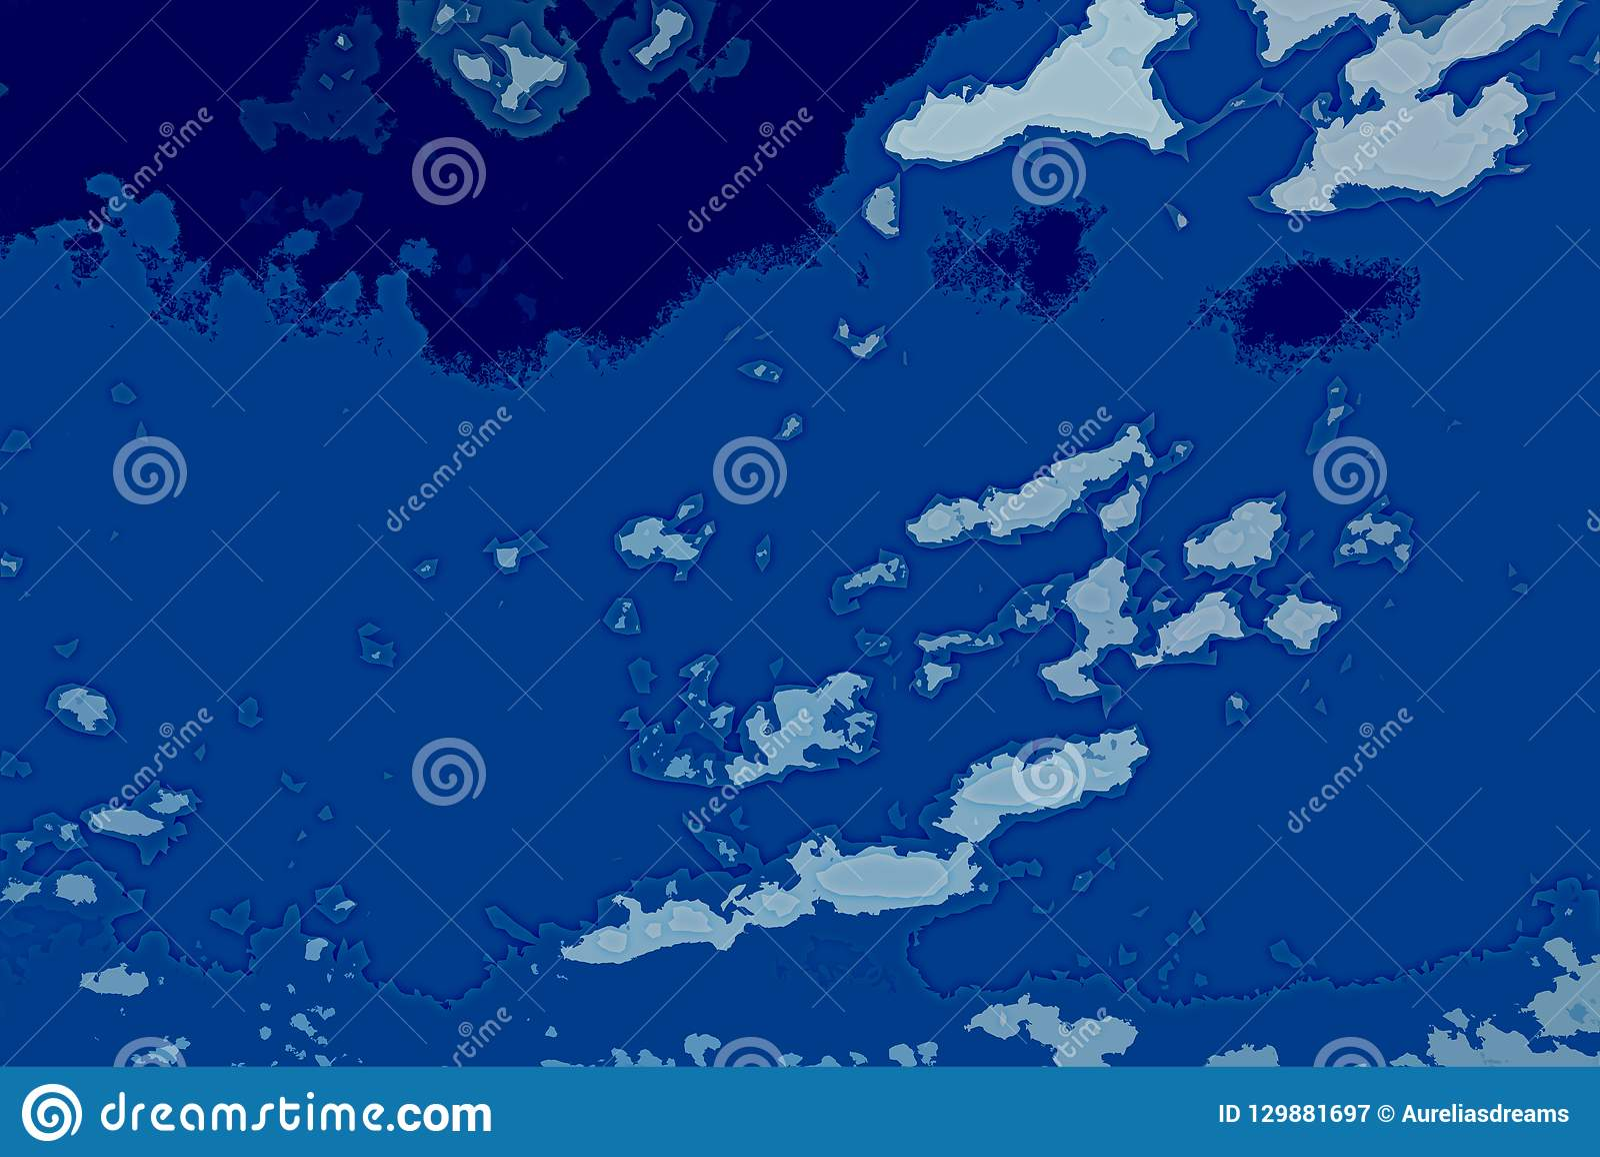 Vit och blå abstrakt bakgrundstextur Fantasiöversikt med norr shoreline, hav, hav, is, berg, moln